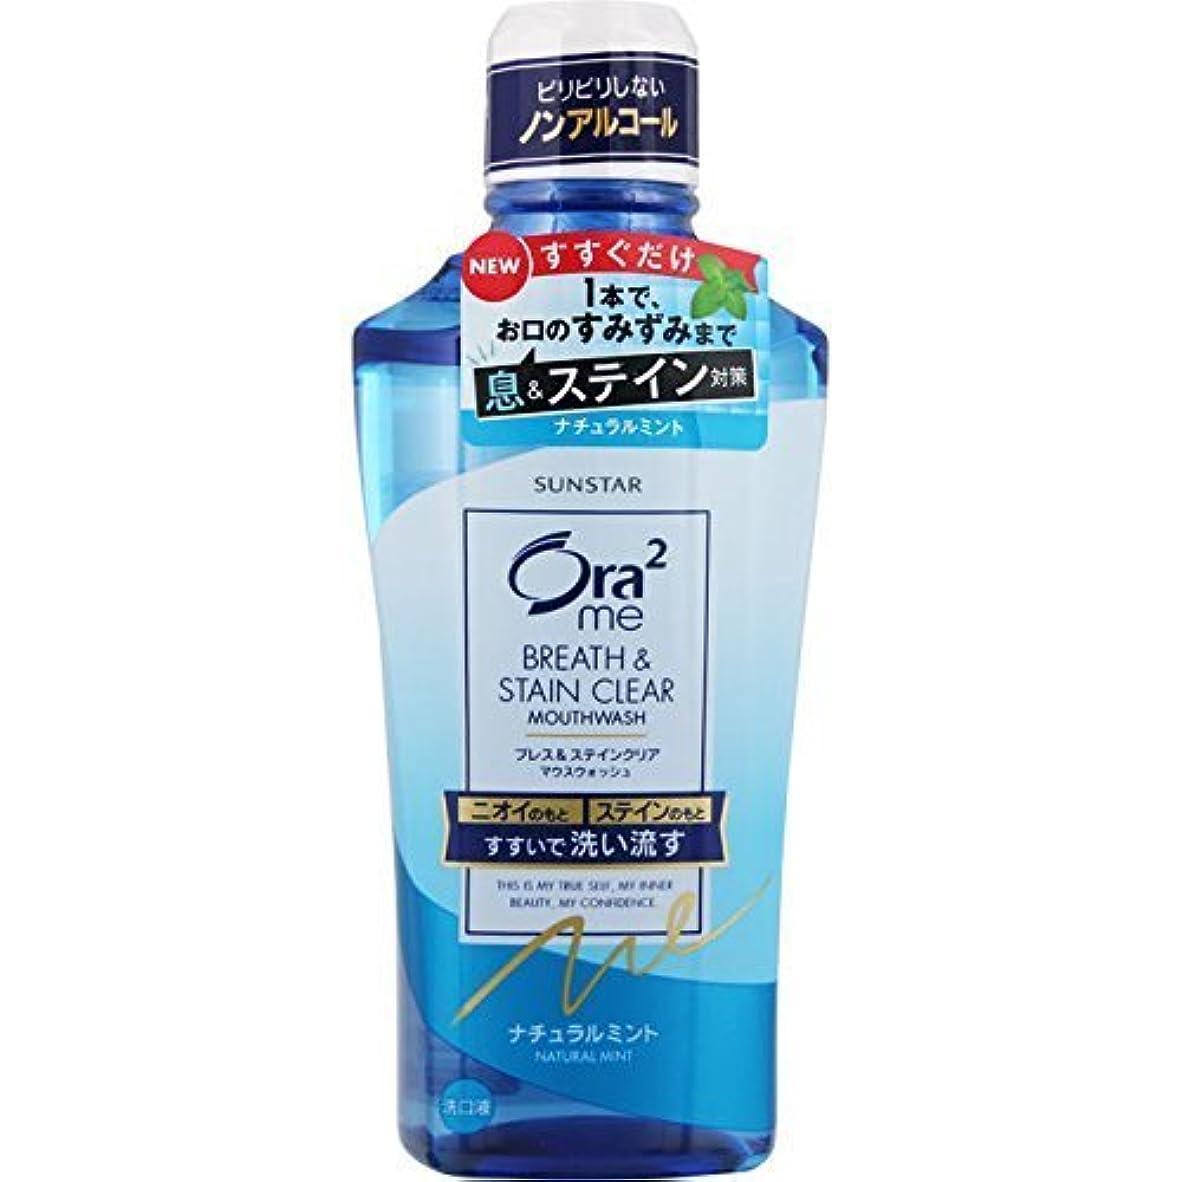 Ora2(オーラツー) ミーマウスウォッシュ ステインクリア 洗口液[ ナチュラルミント ]